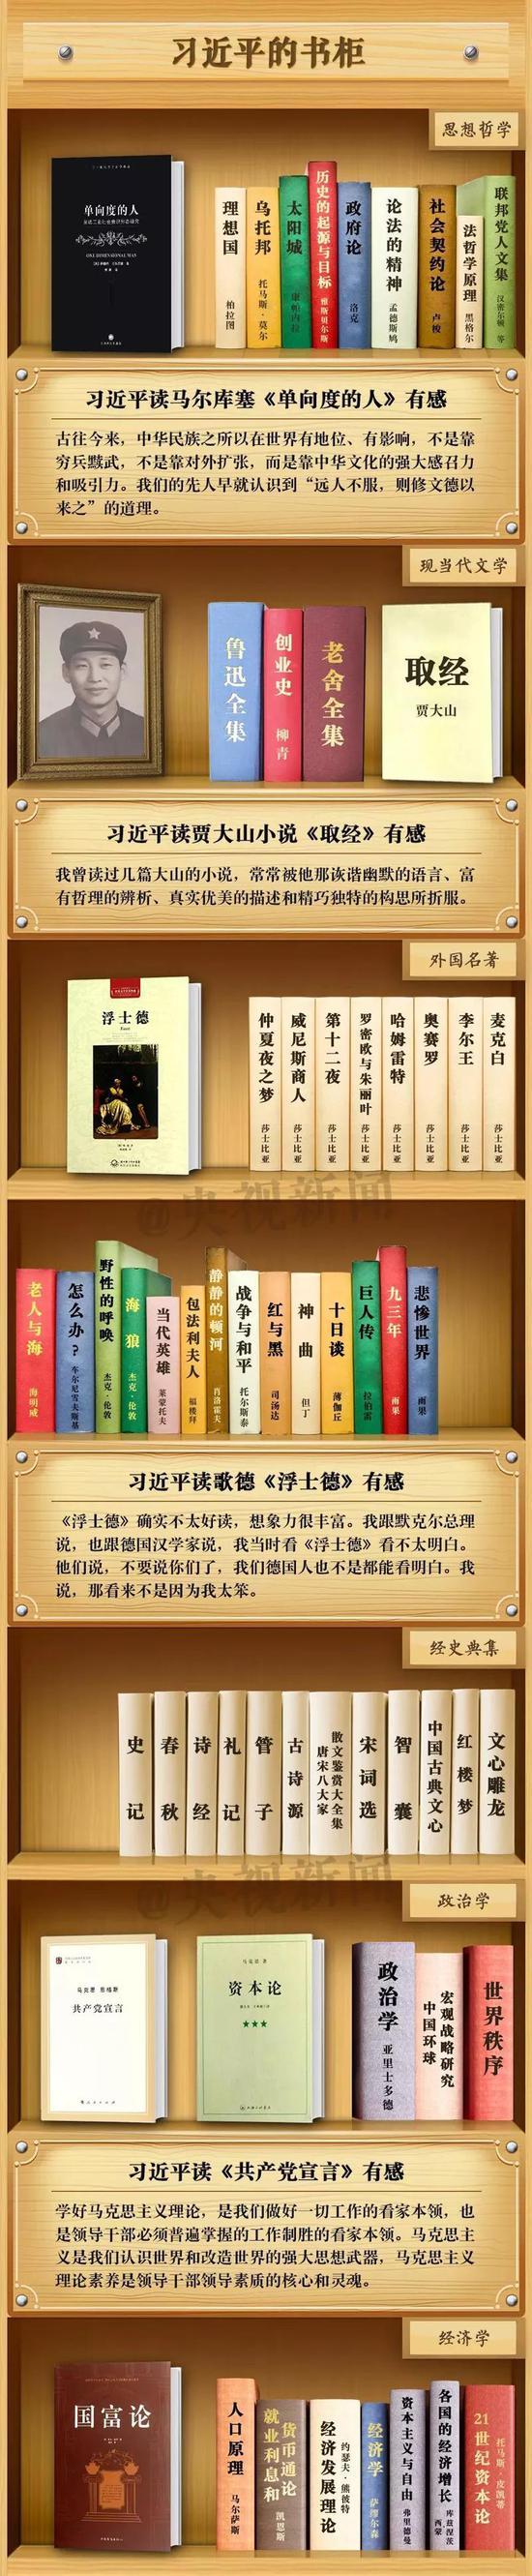 习近平:我最大的爱好就是读书